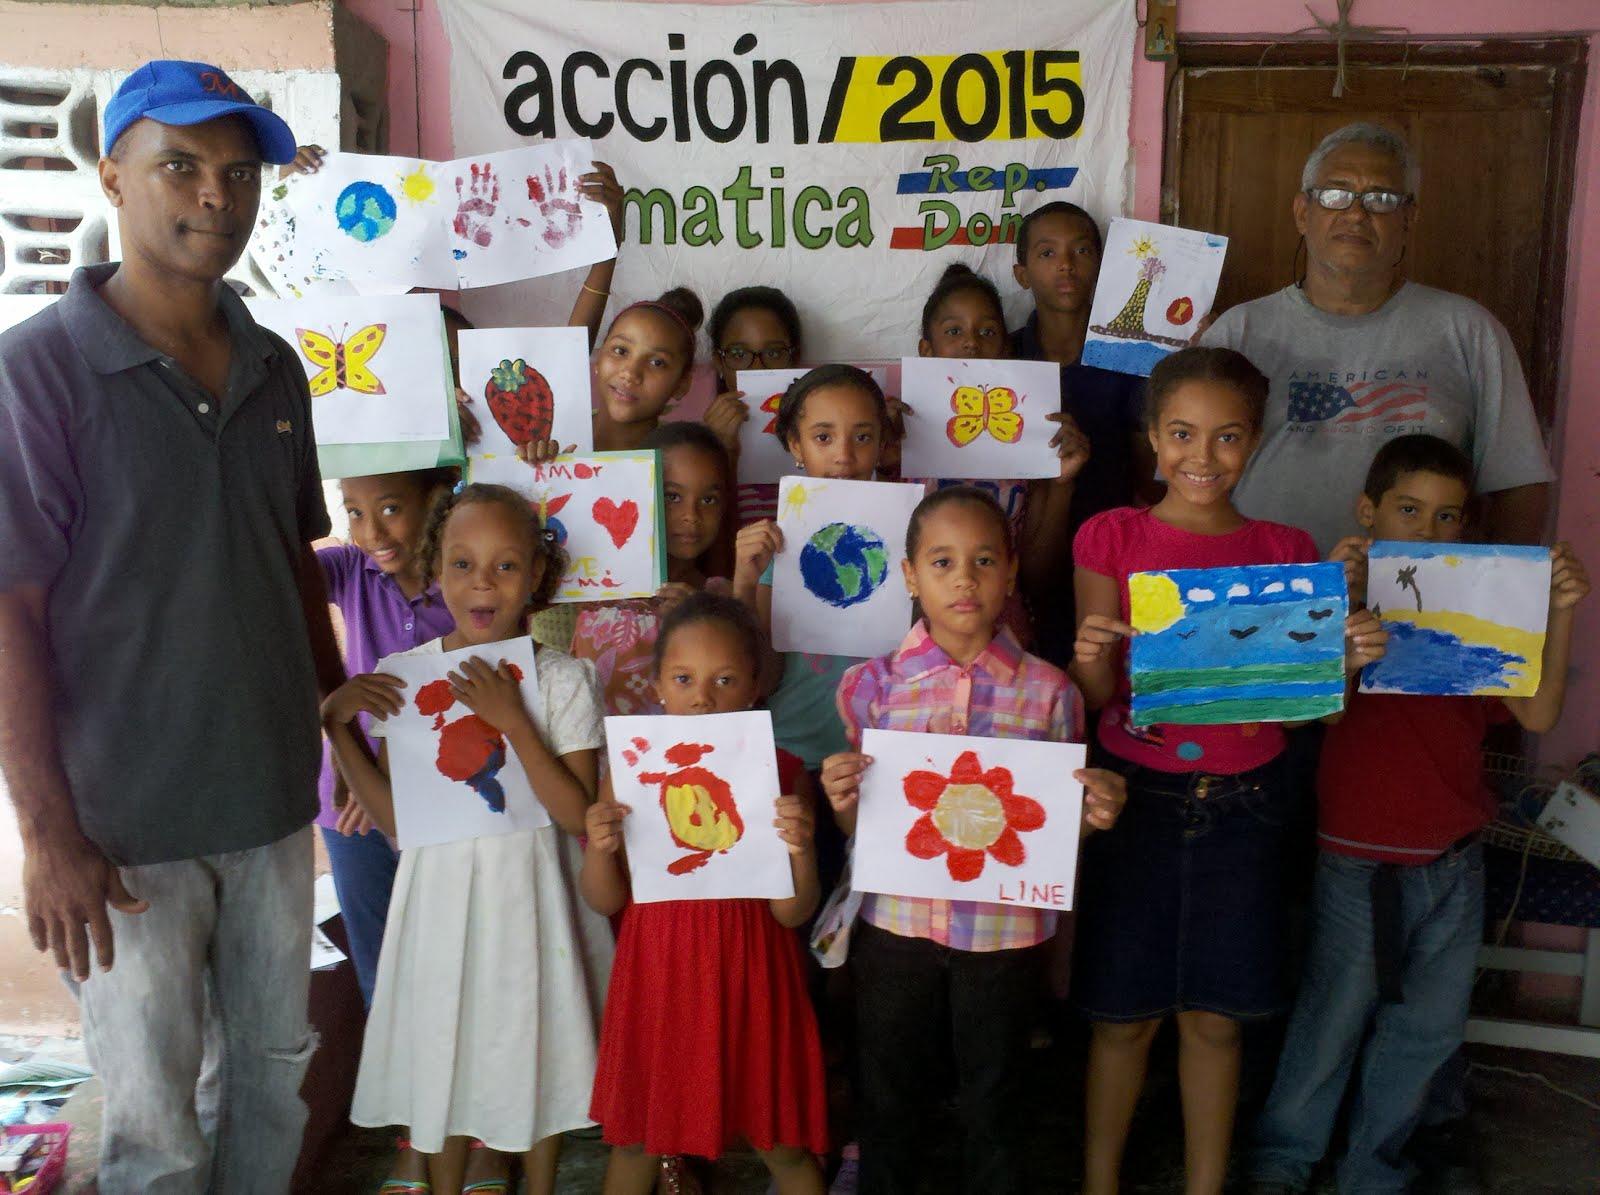 Accion/2015